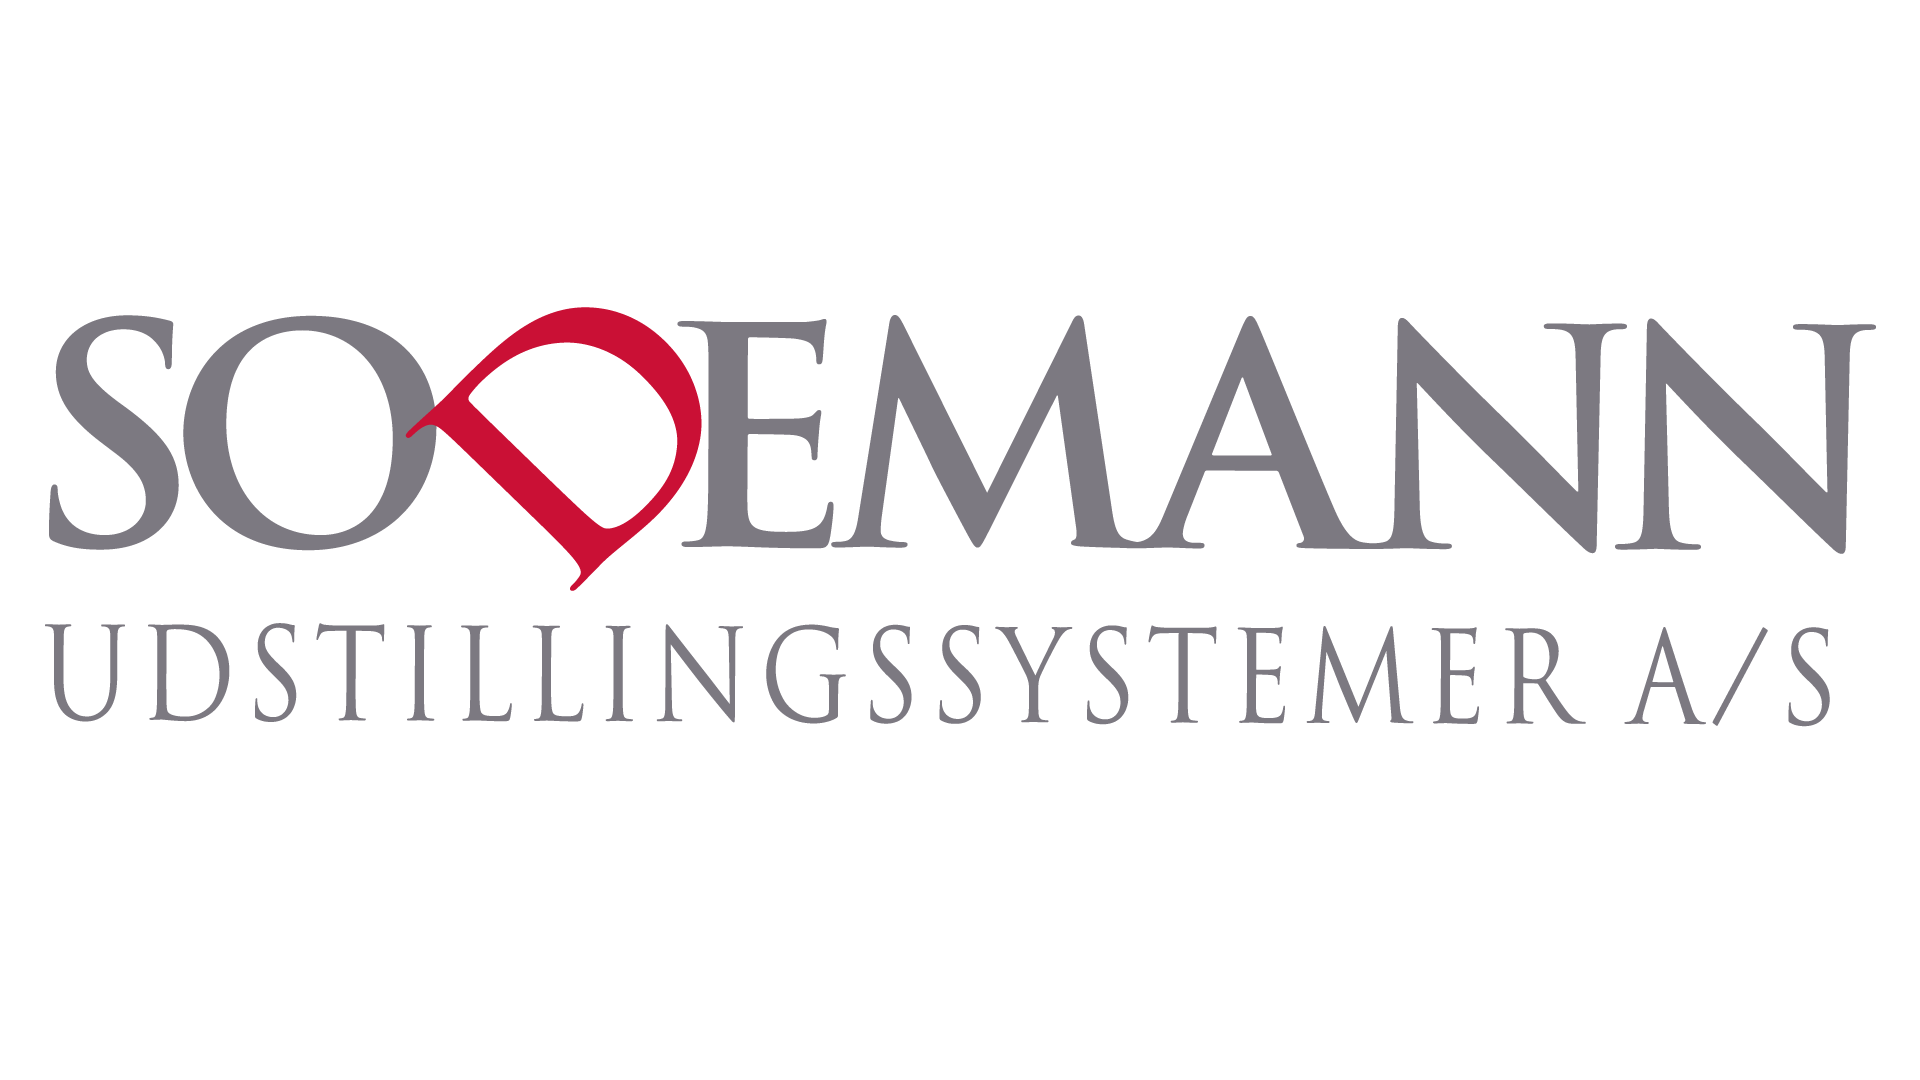 sodemann-sponsor